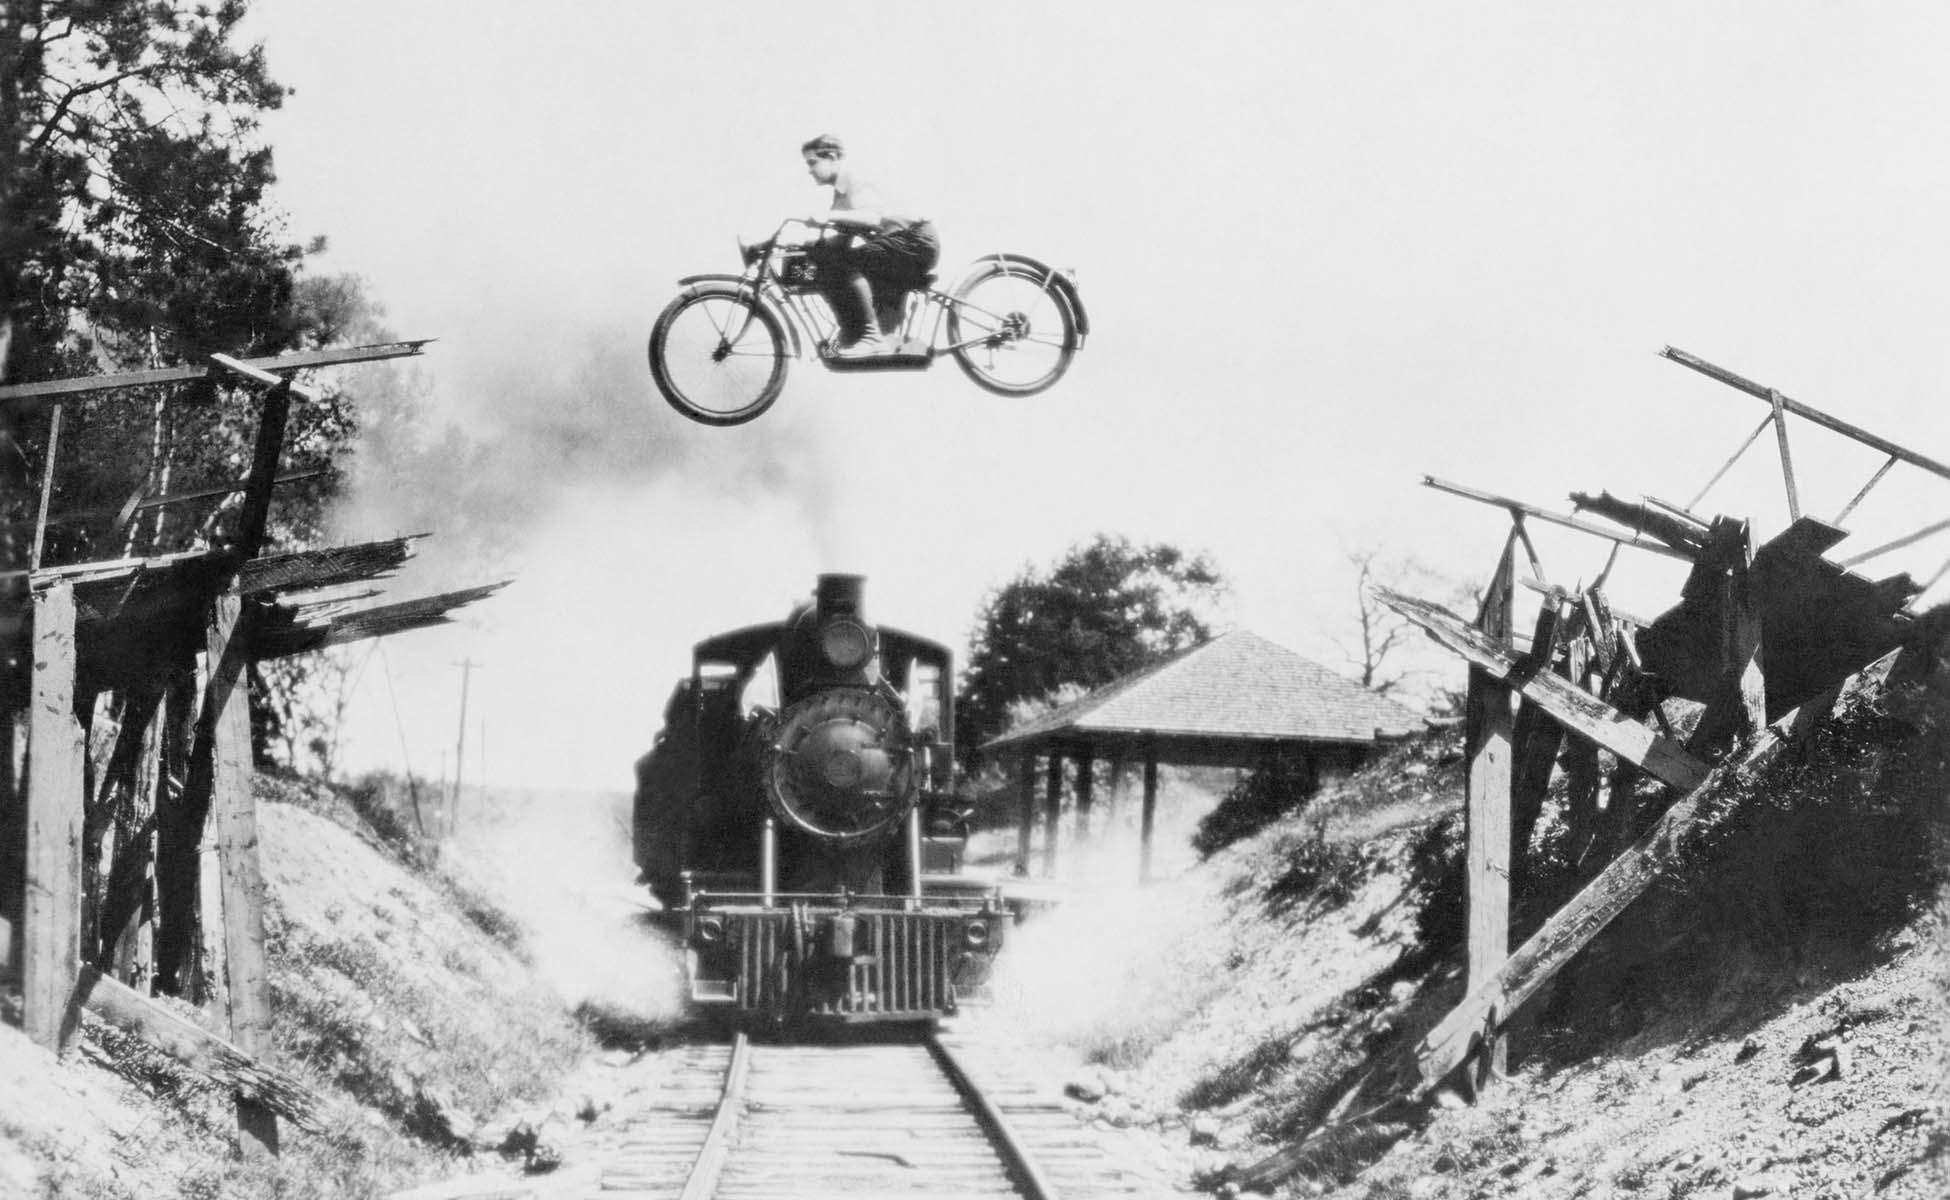 sort hvid billede af ung mand på motorcykel der flyver over en ødelagt bro mens et godstog kører under på skinnerne